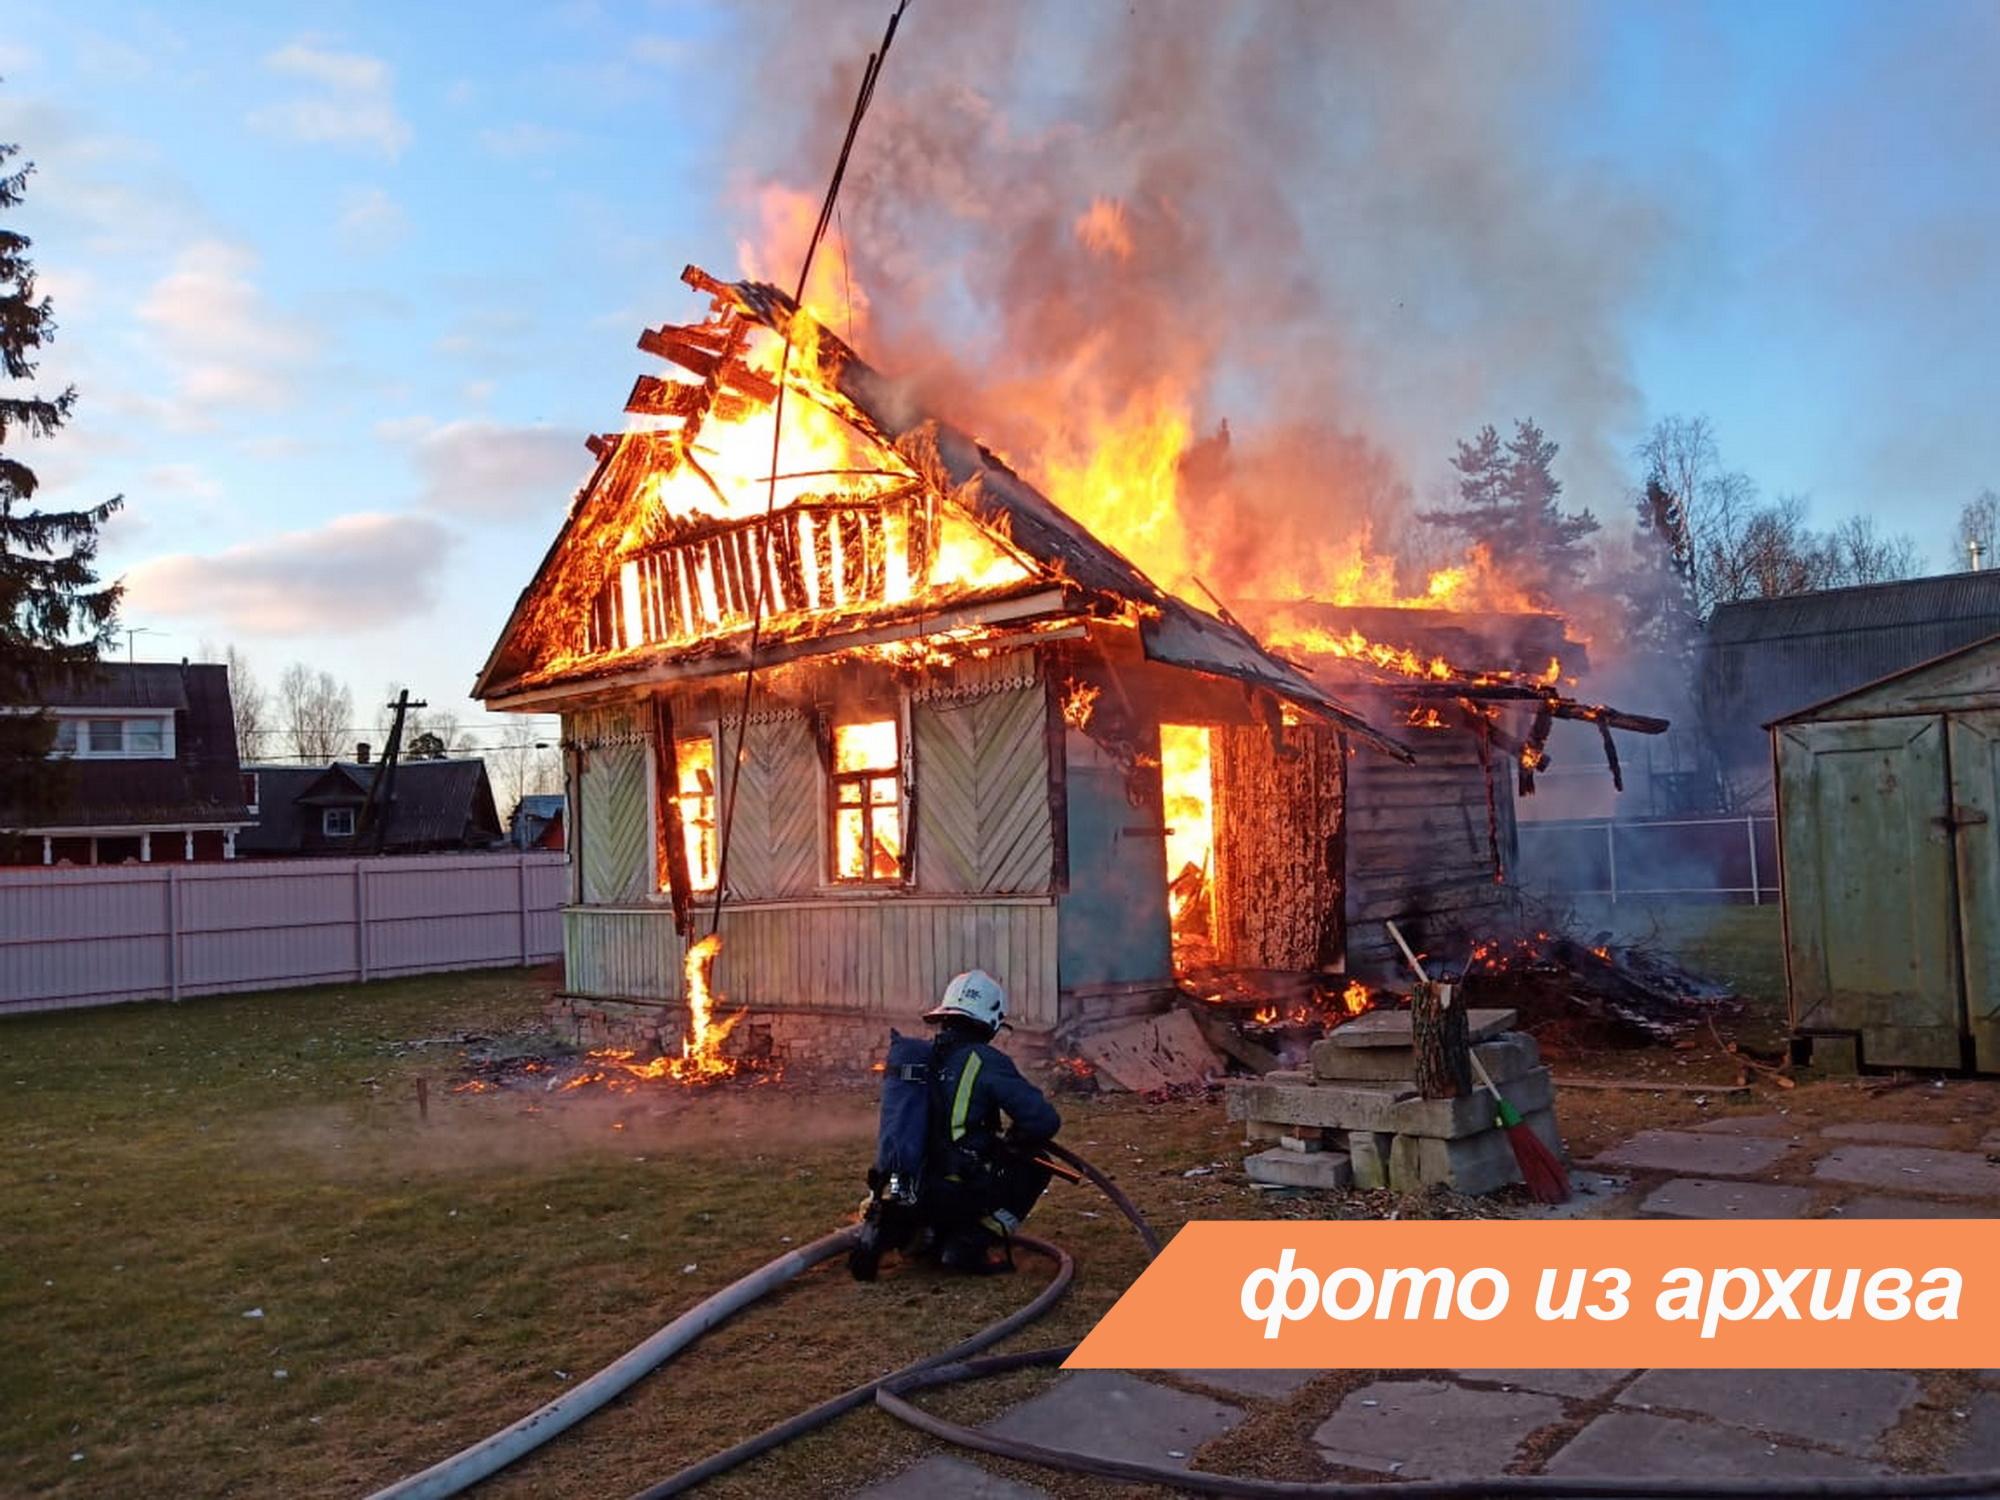 Пожарно-спасательные подразделения ликвидировали пожар в Тосненском районе